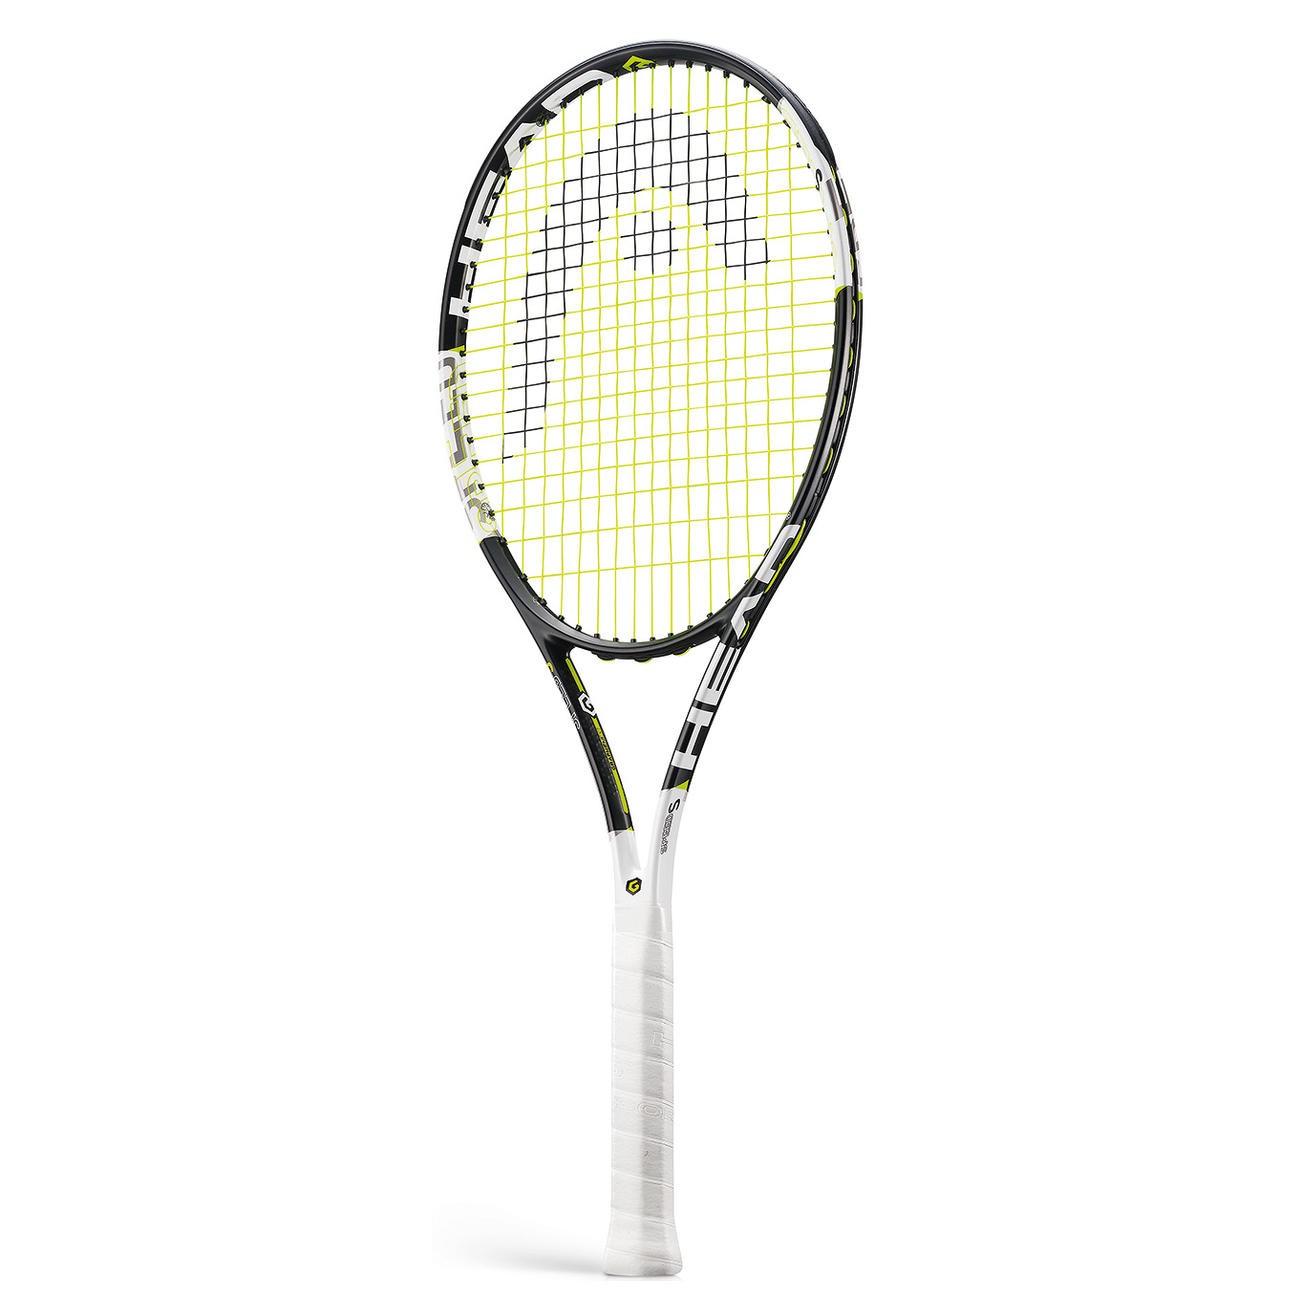 Rakieta tenisowa Head Graphene XT Speed S